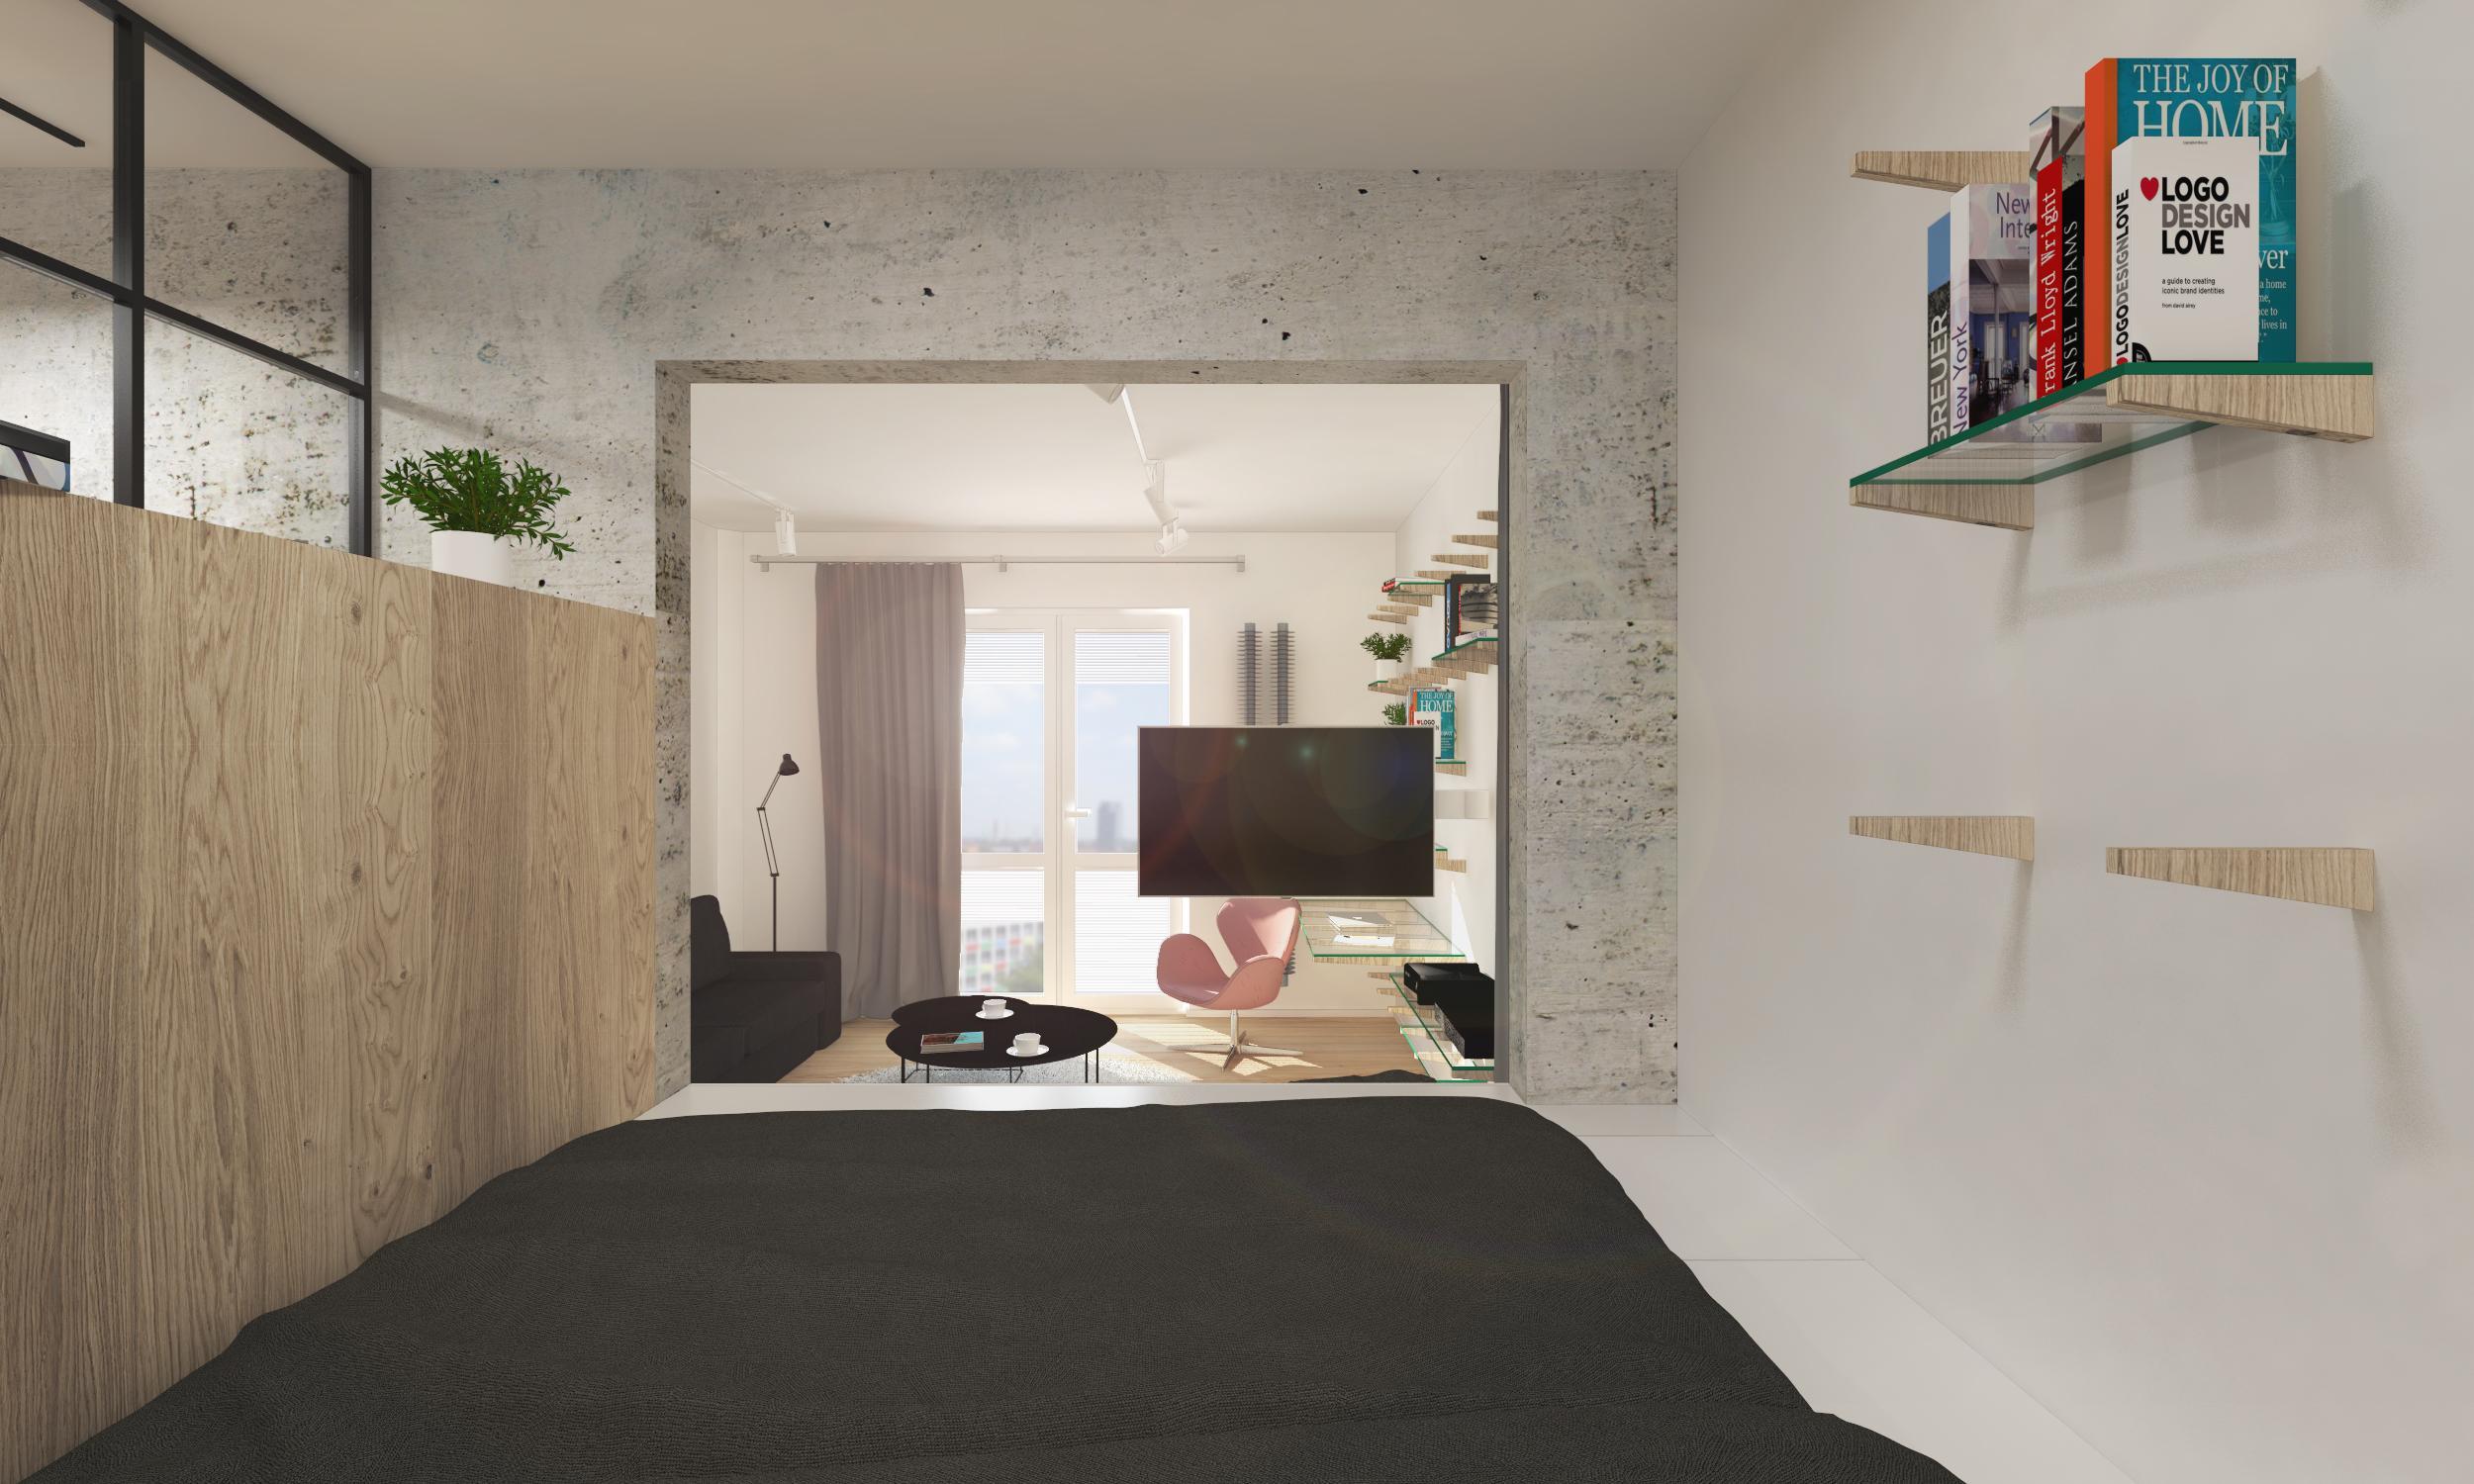 umbau von ein zimmer wohnung bratislava slowakei rules. Black Bedroom Furniture Sets. Home Design Ideas